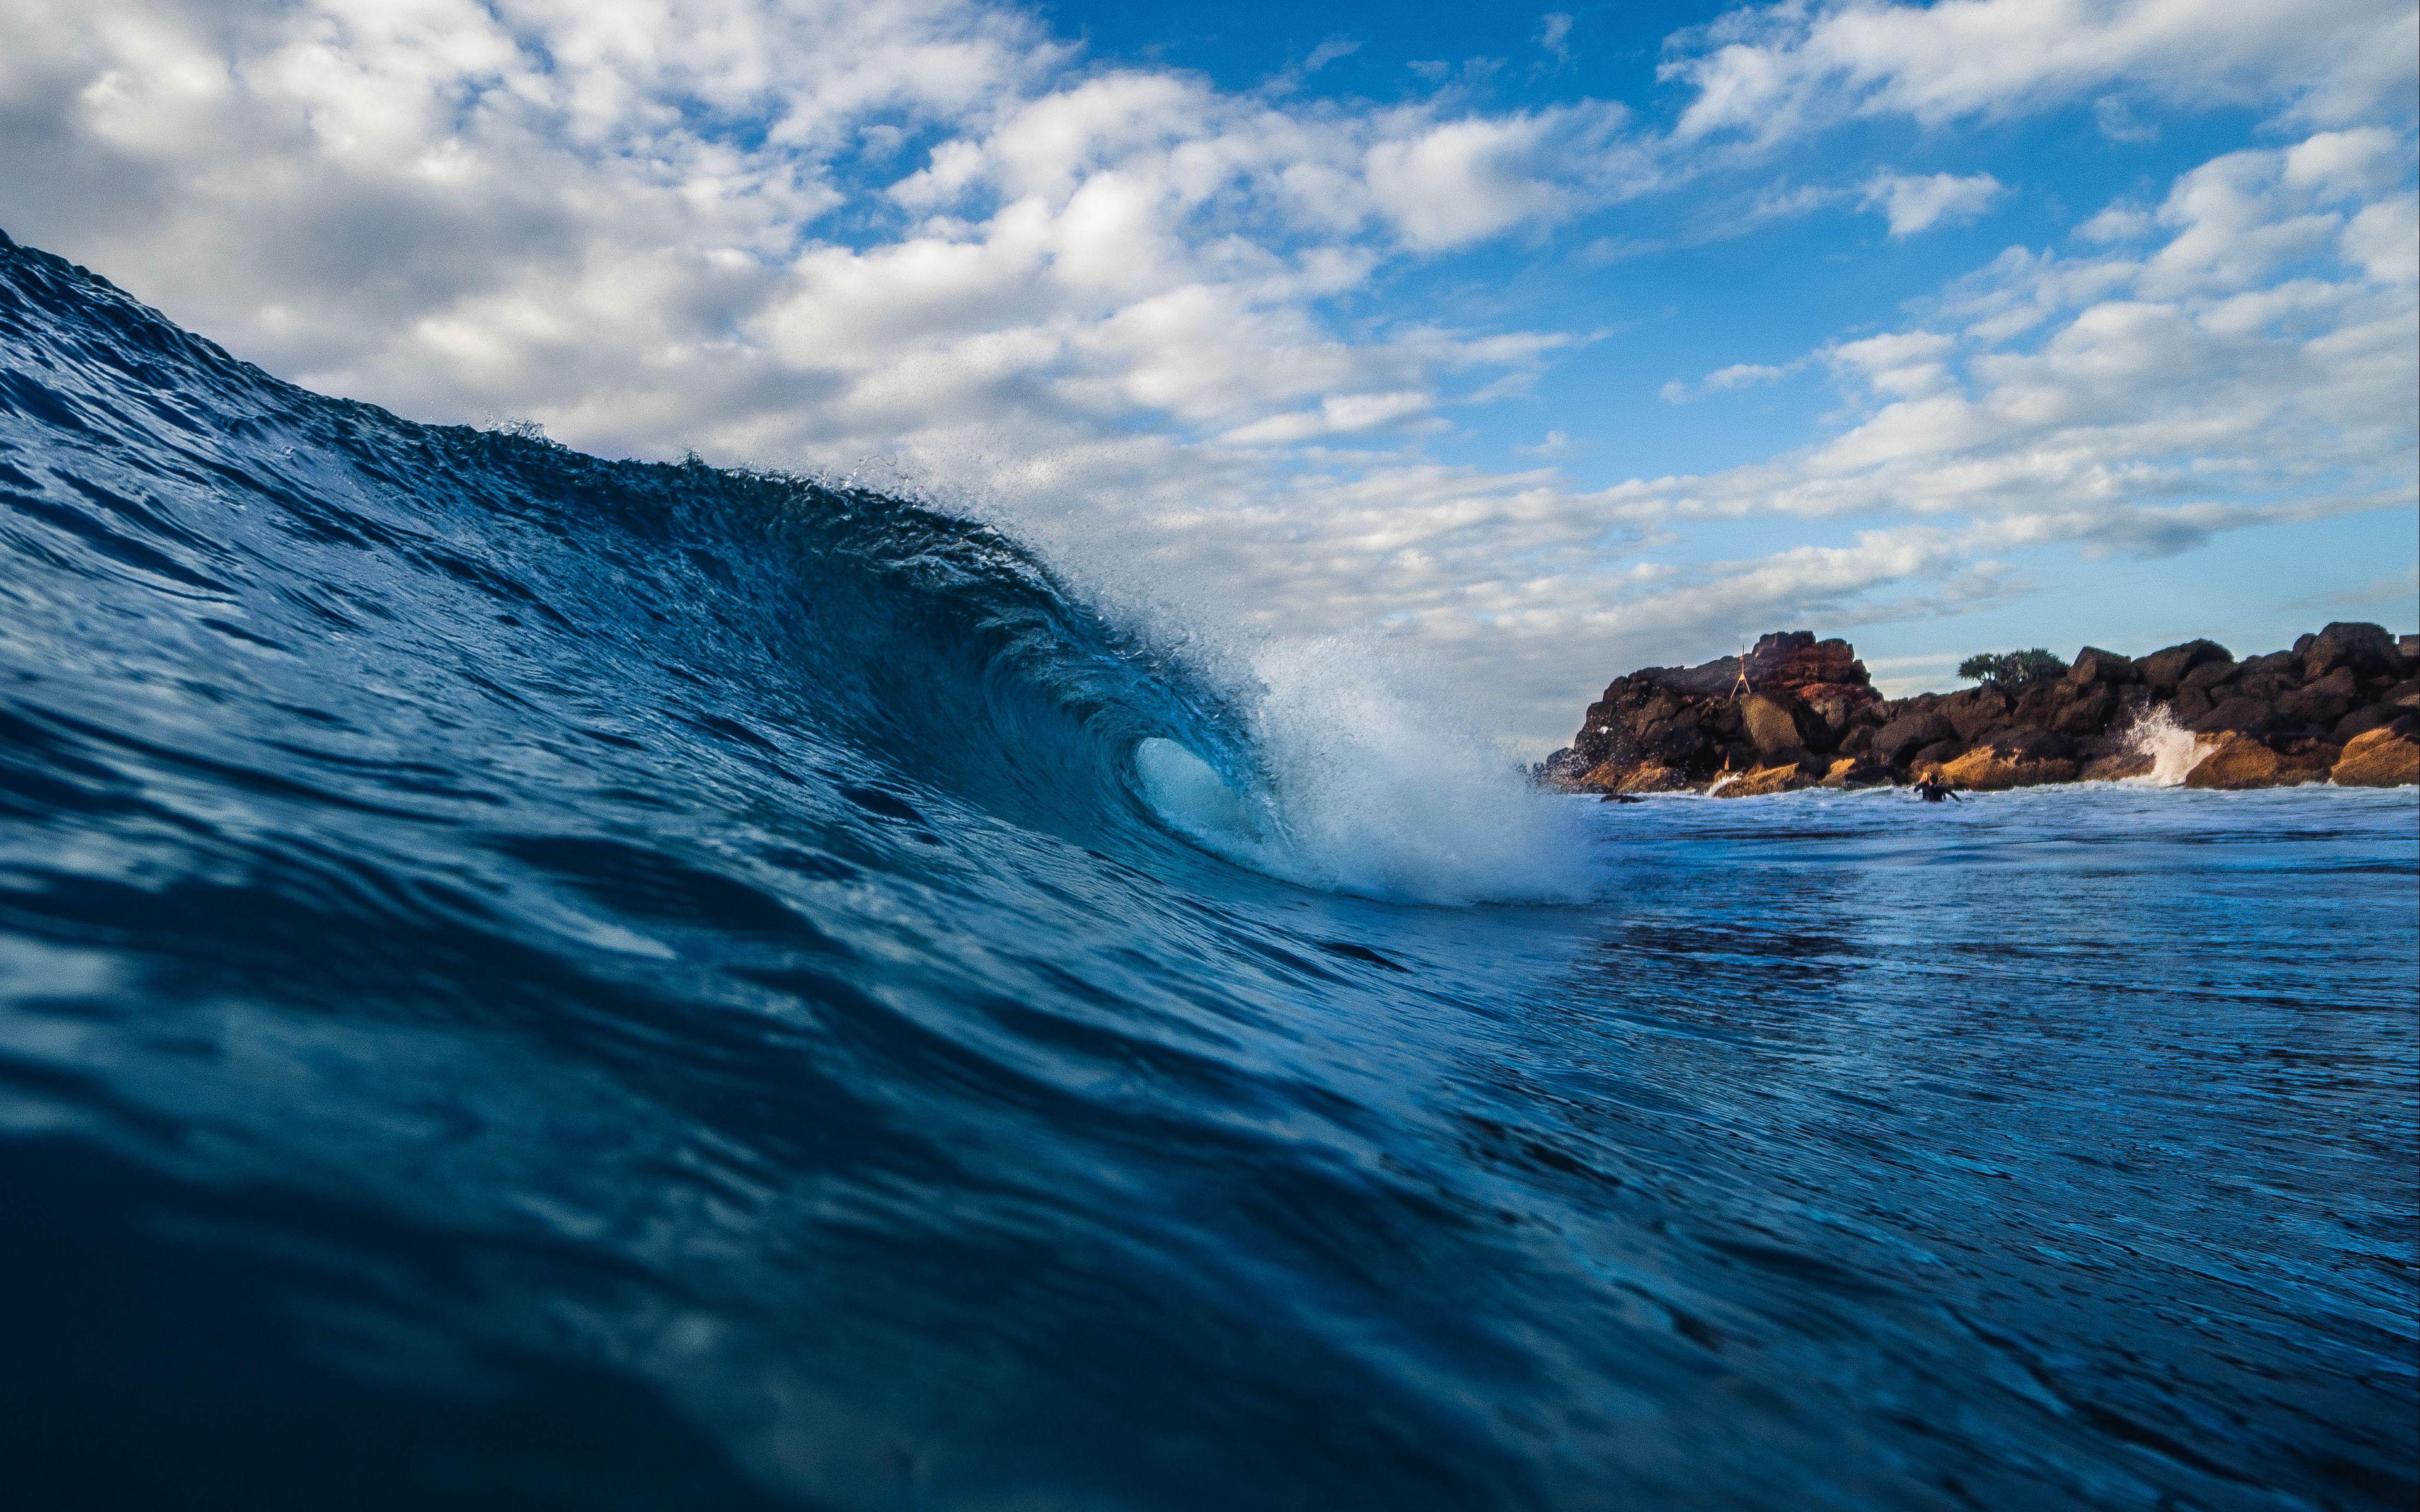 Fondos de pantalla Olas en el mar